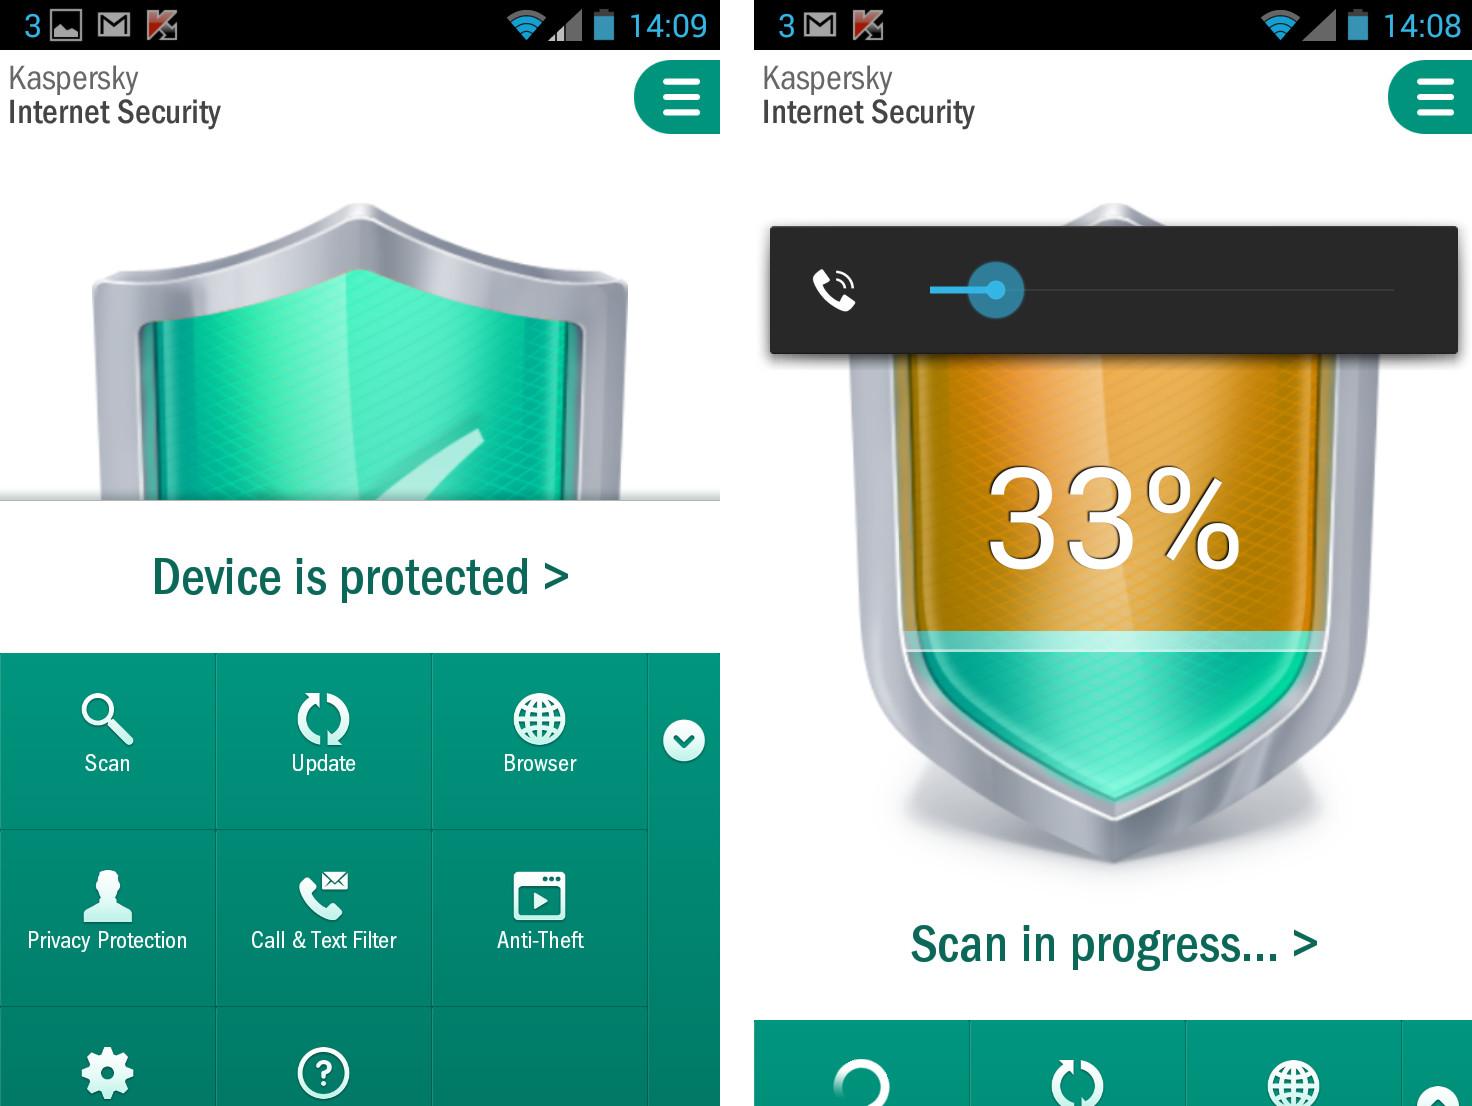 Il miglior antivirus per il Samsung Galaxy S8 1